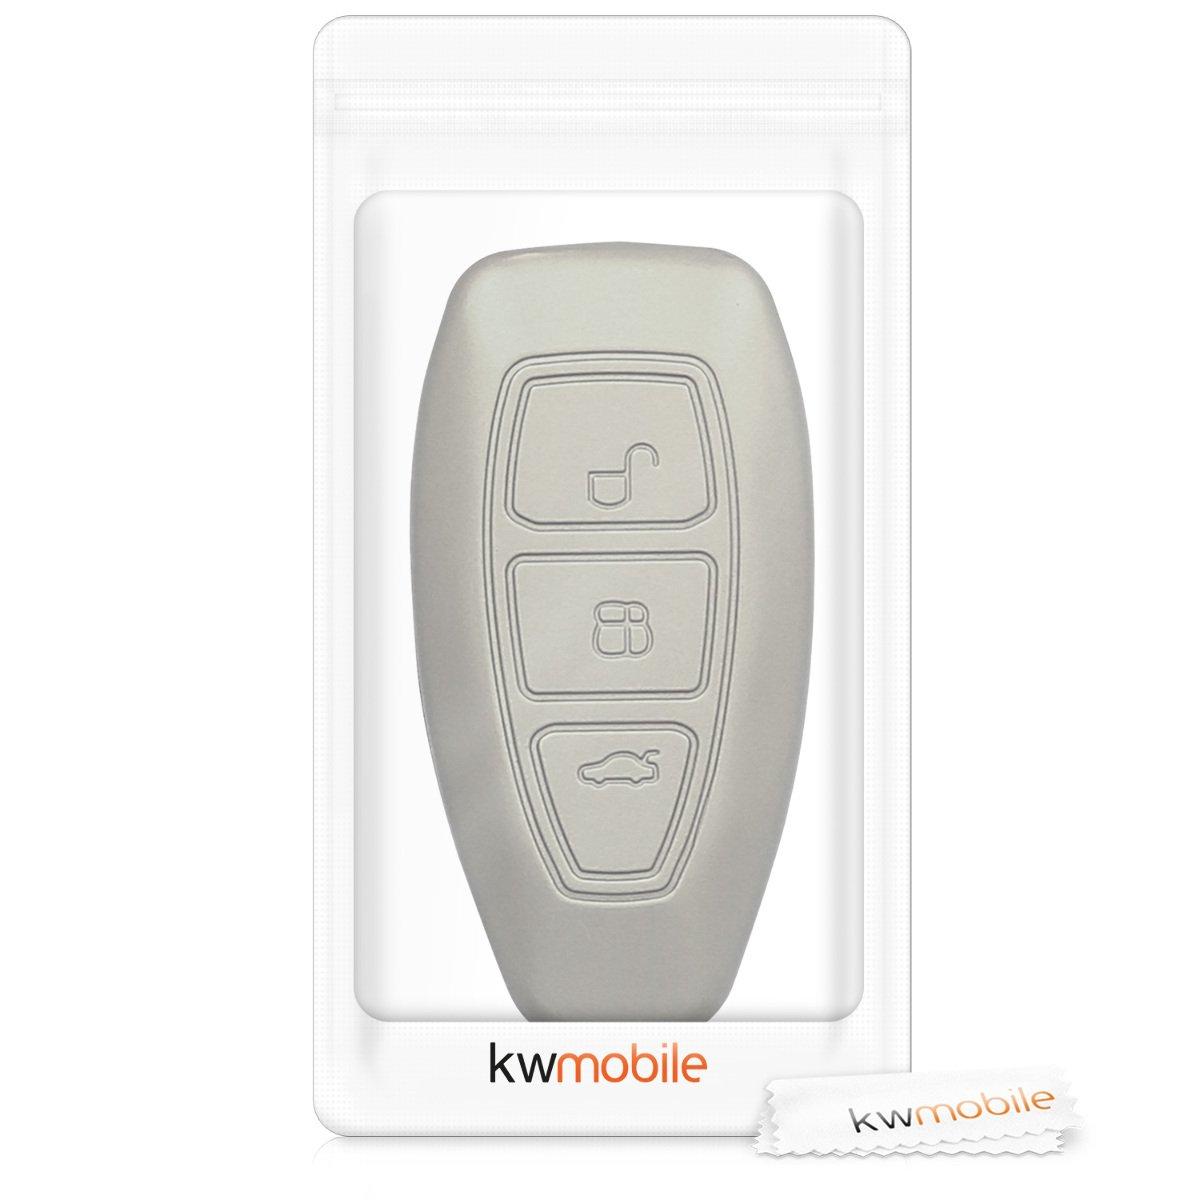 e29478979 kwmobile Funda de Silicona para Llave Keyless Go de 3 Botones para ...